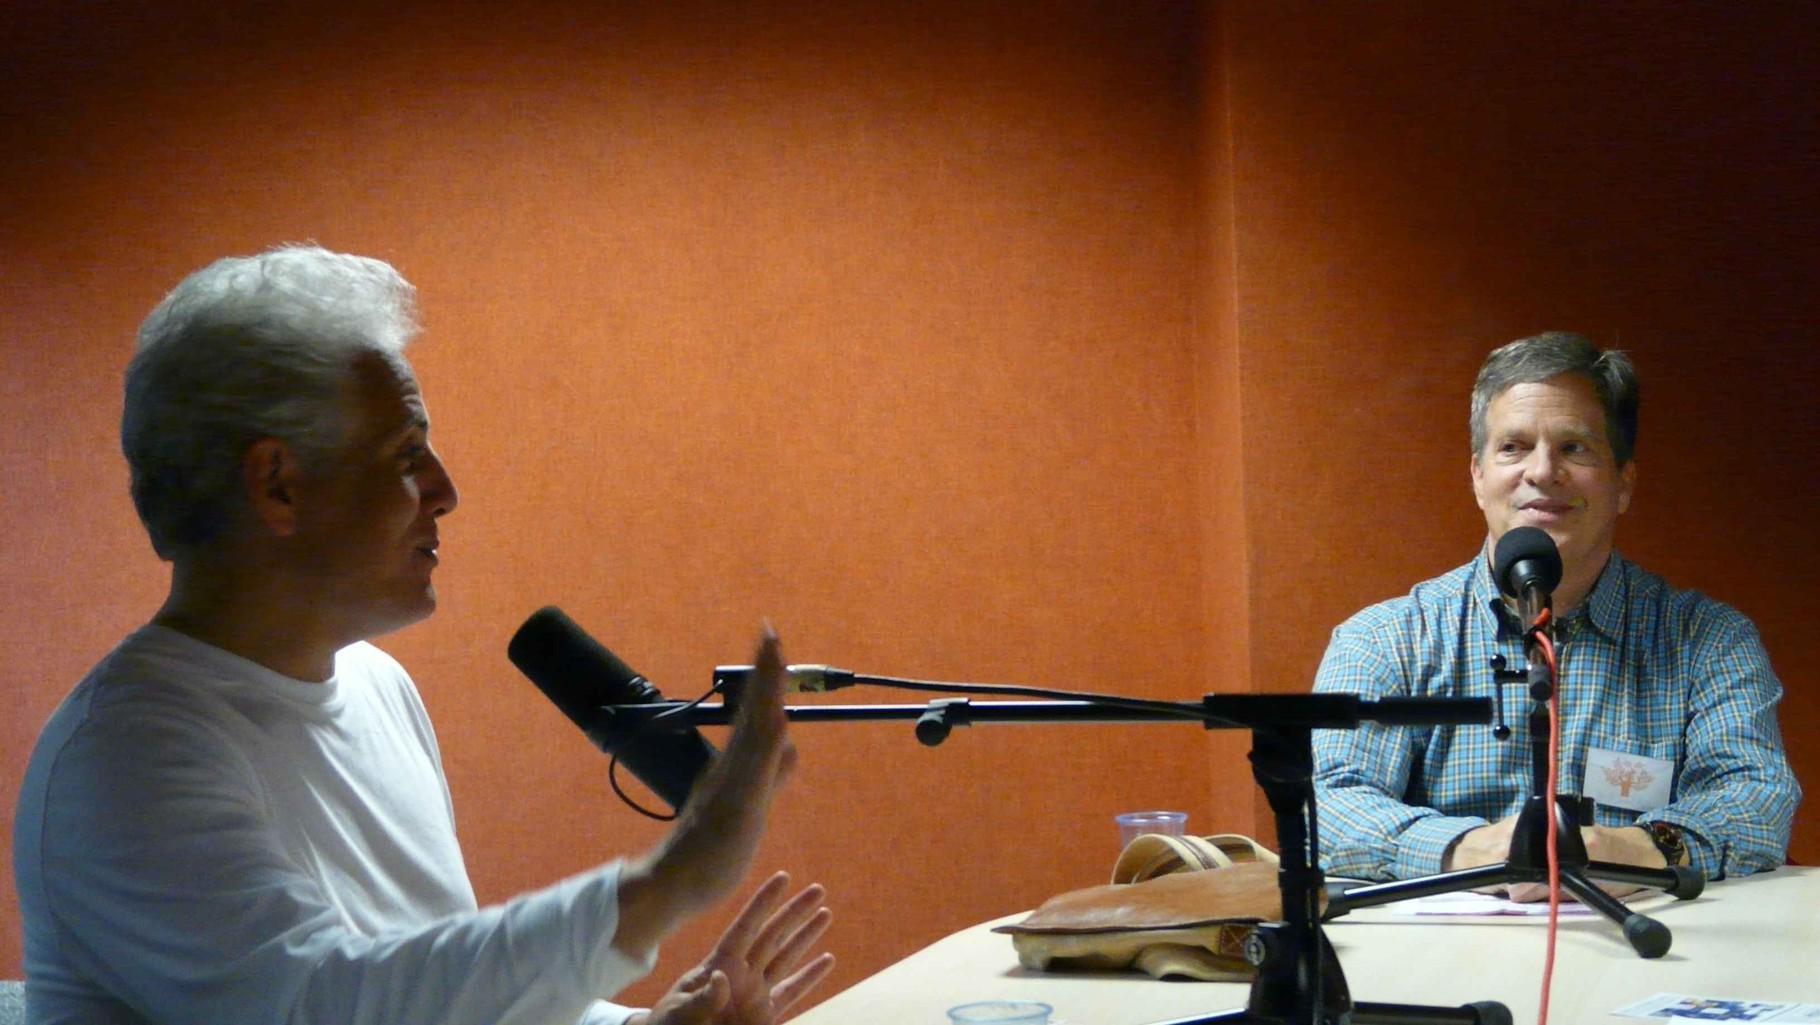 Steven Rudolph et Bill (traducteur)